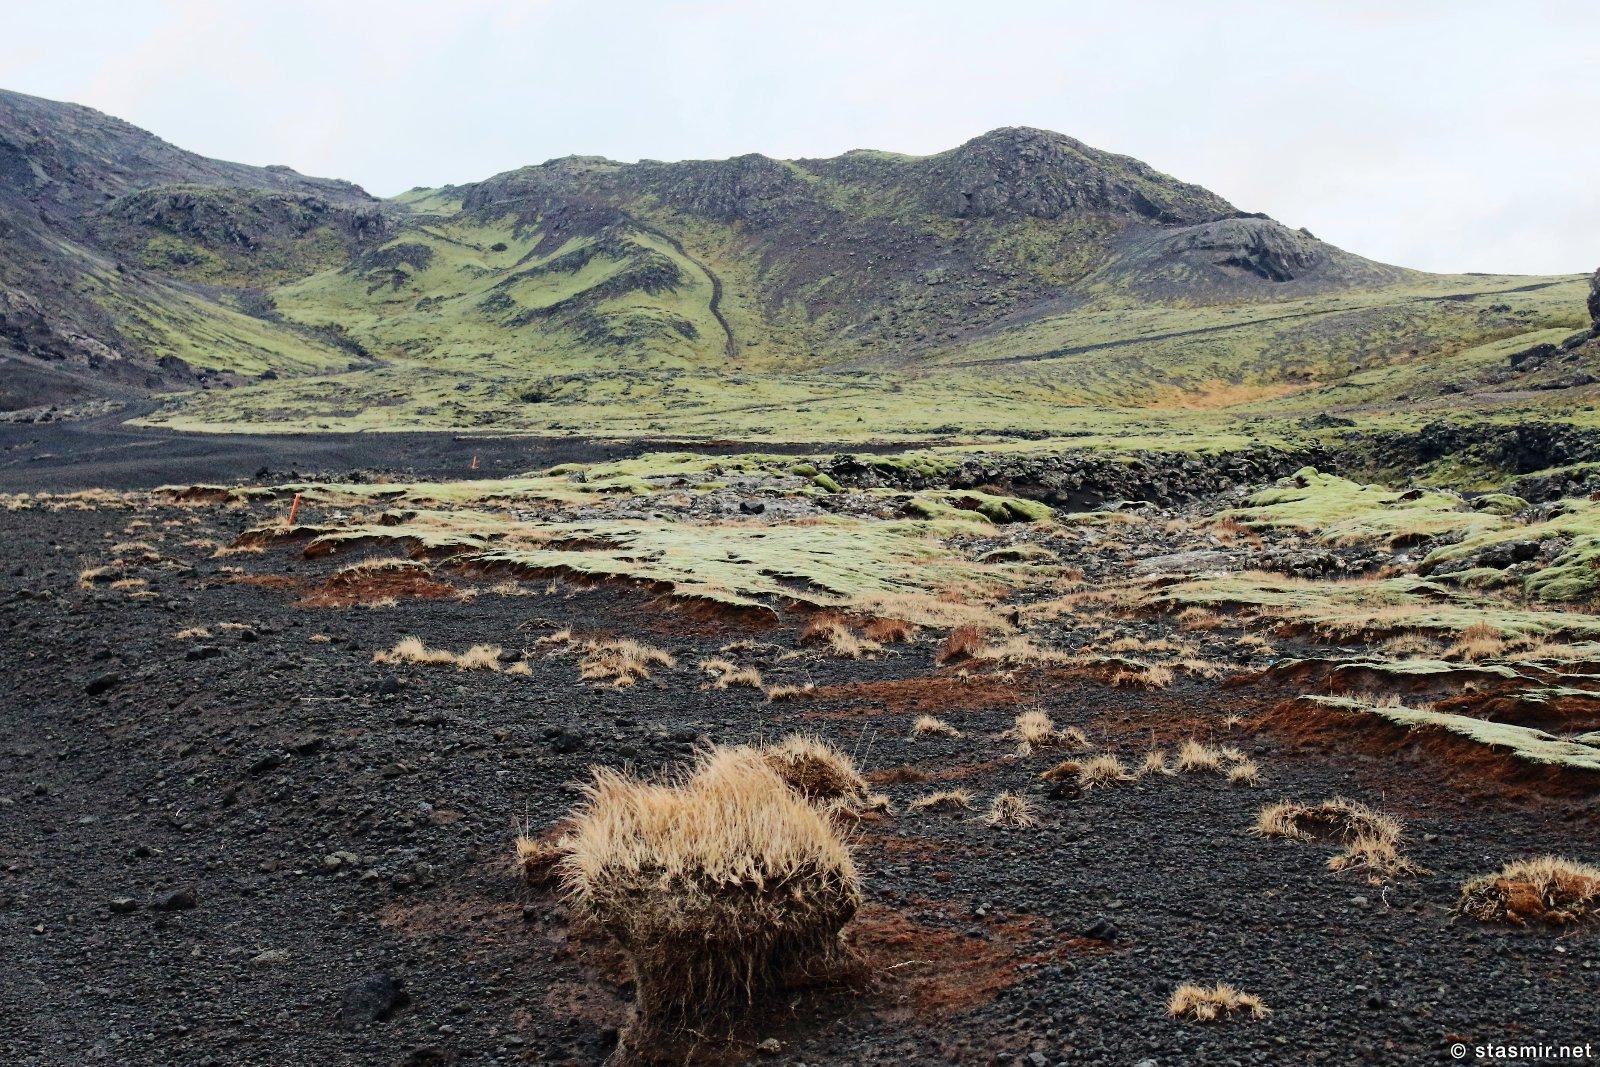 колосняк, фото Стасмир, photo Stasmir, Исландия, на полуострове Рейкьянес